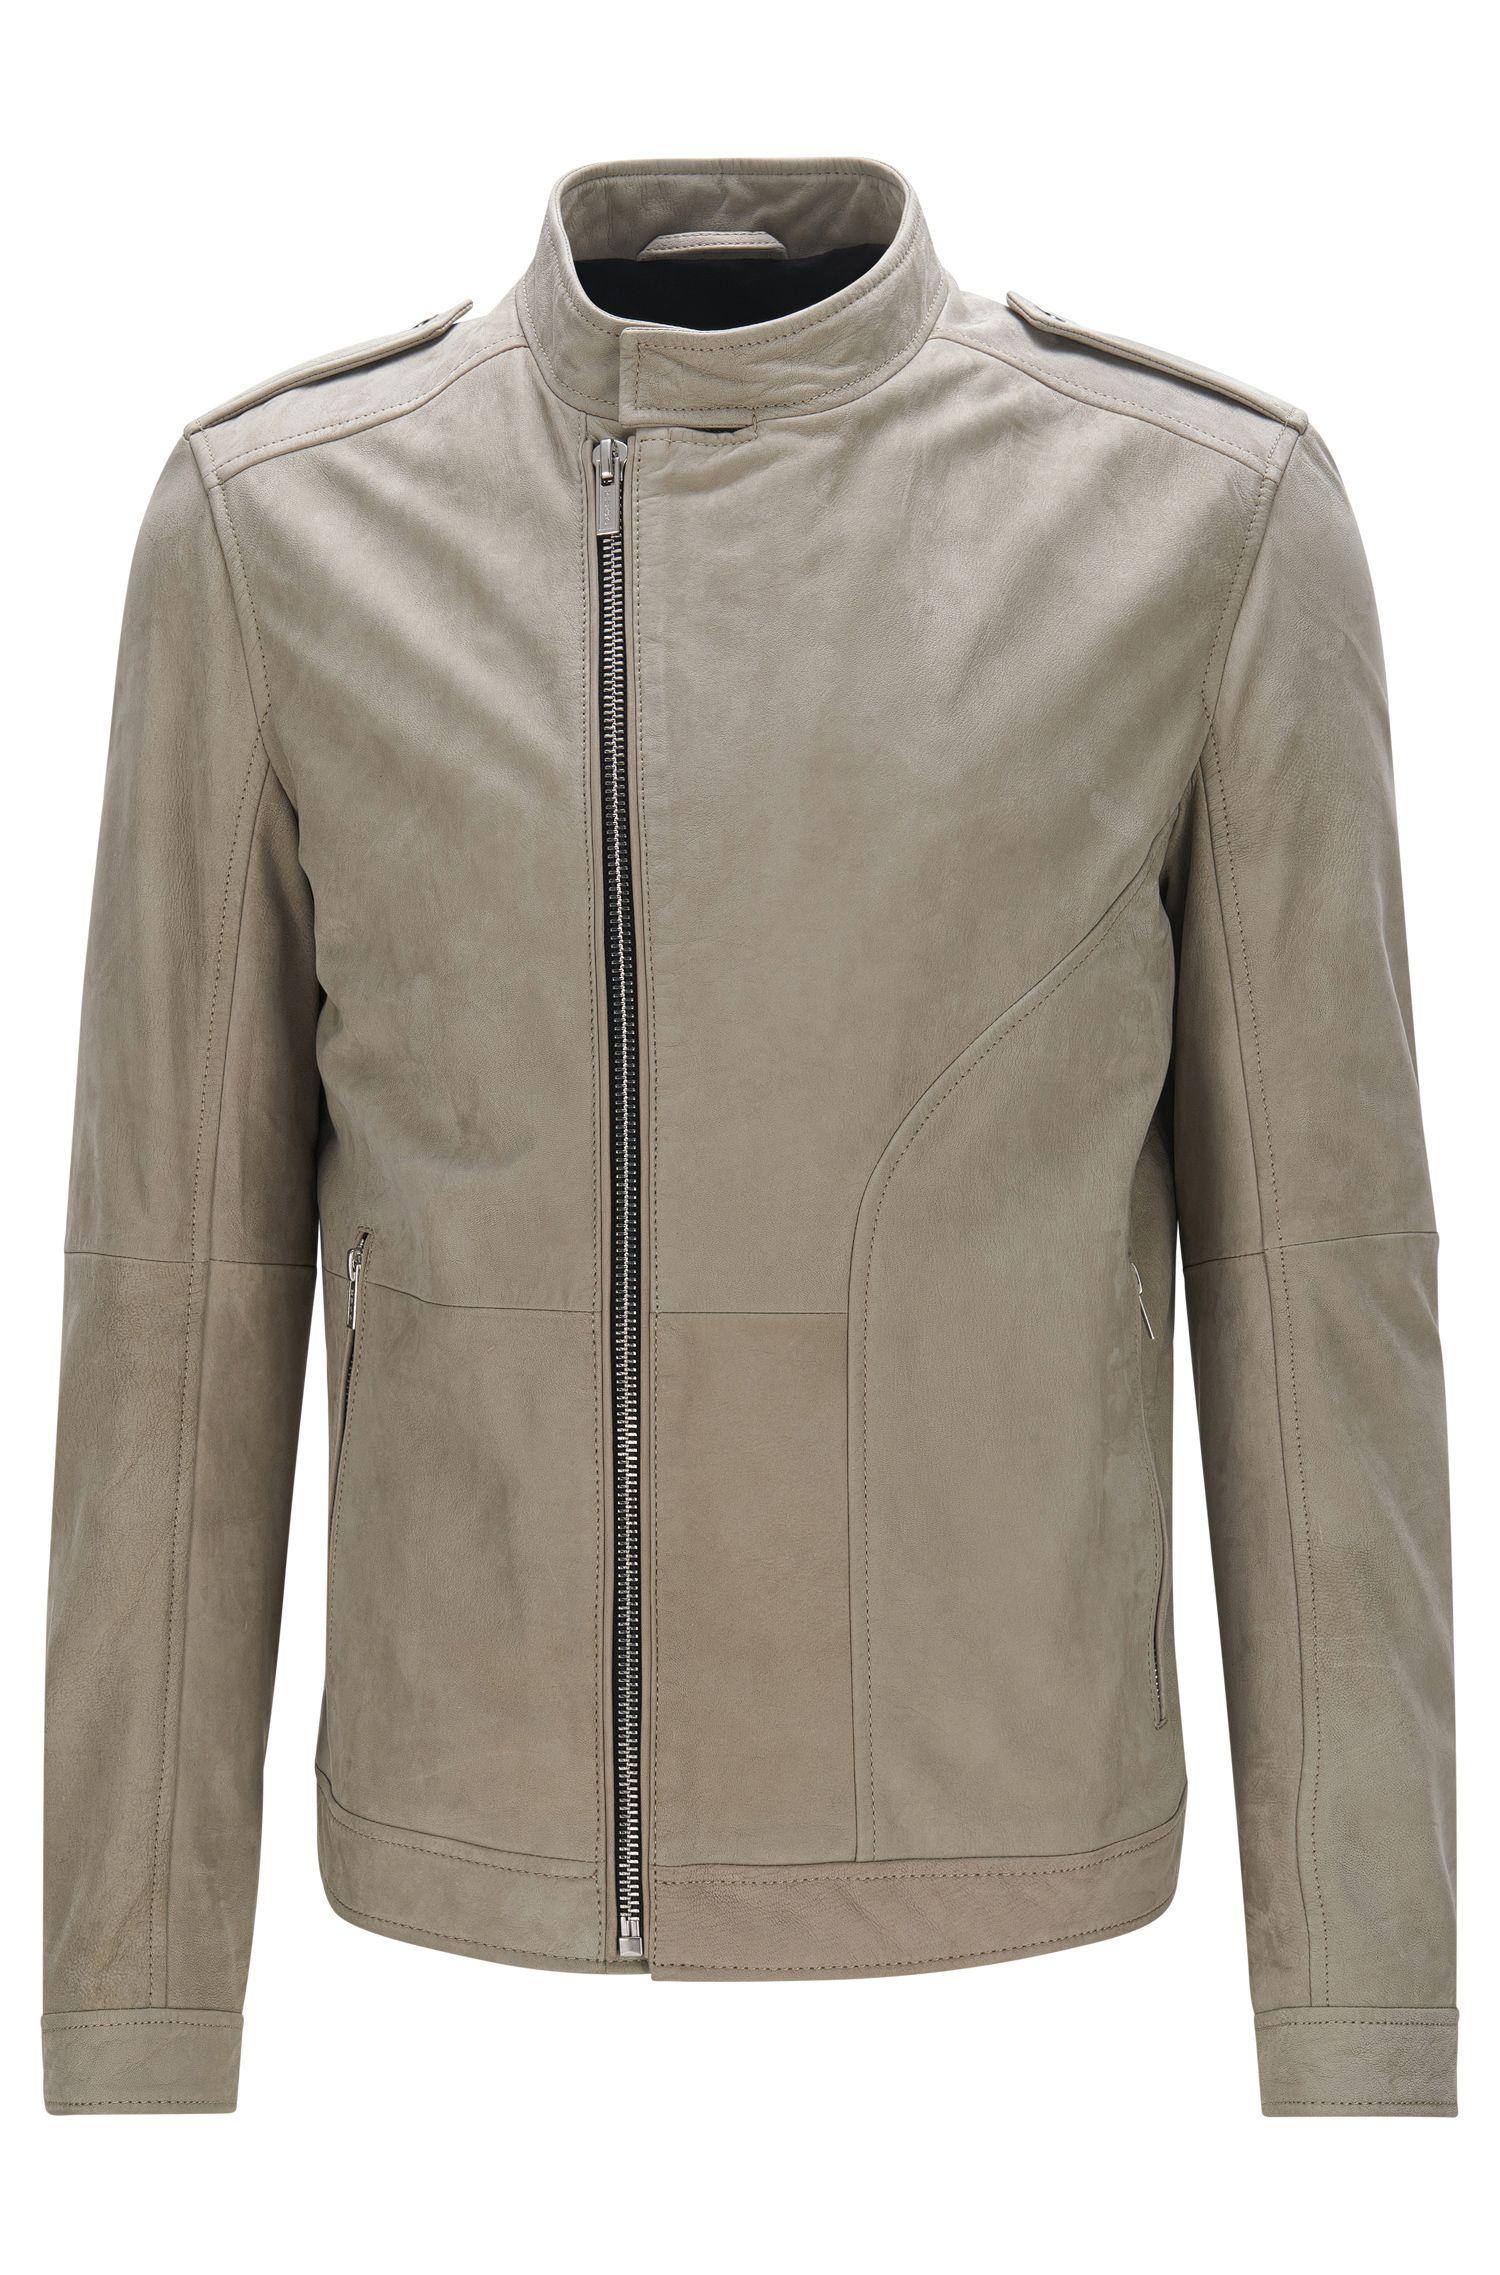 Asymmetrical Leather Jacket, Regular Fit | Landerson, Beige